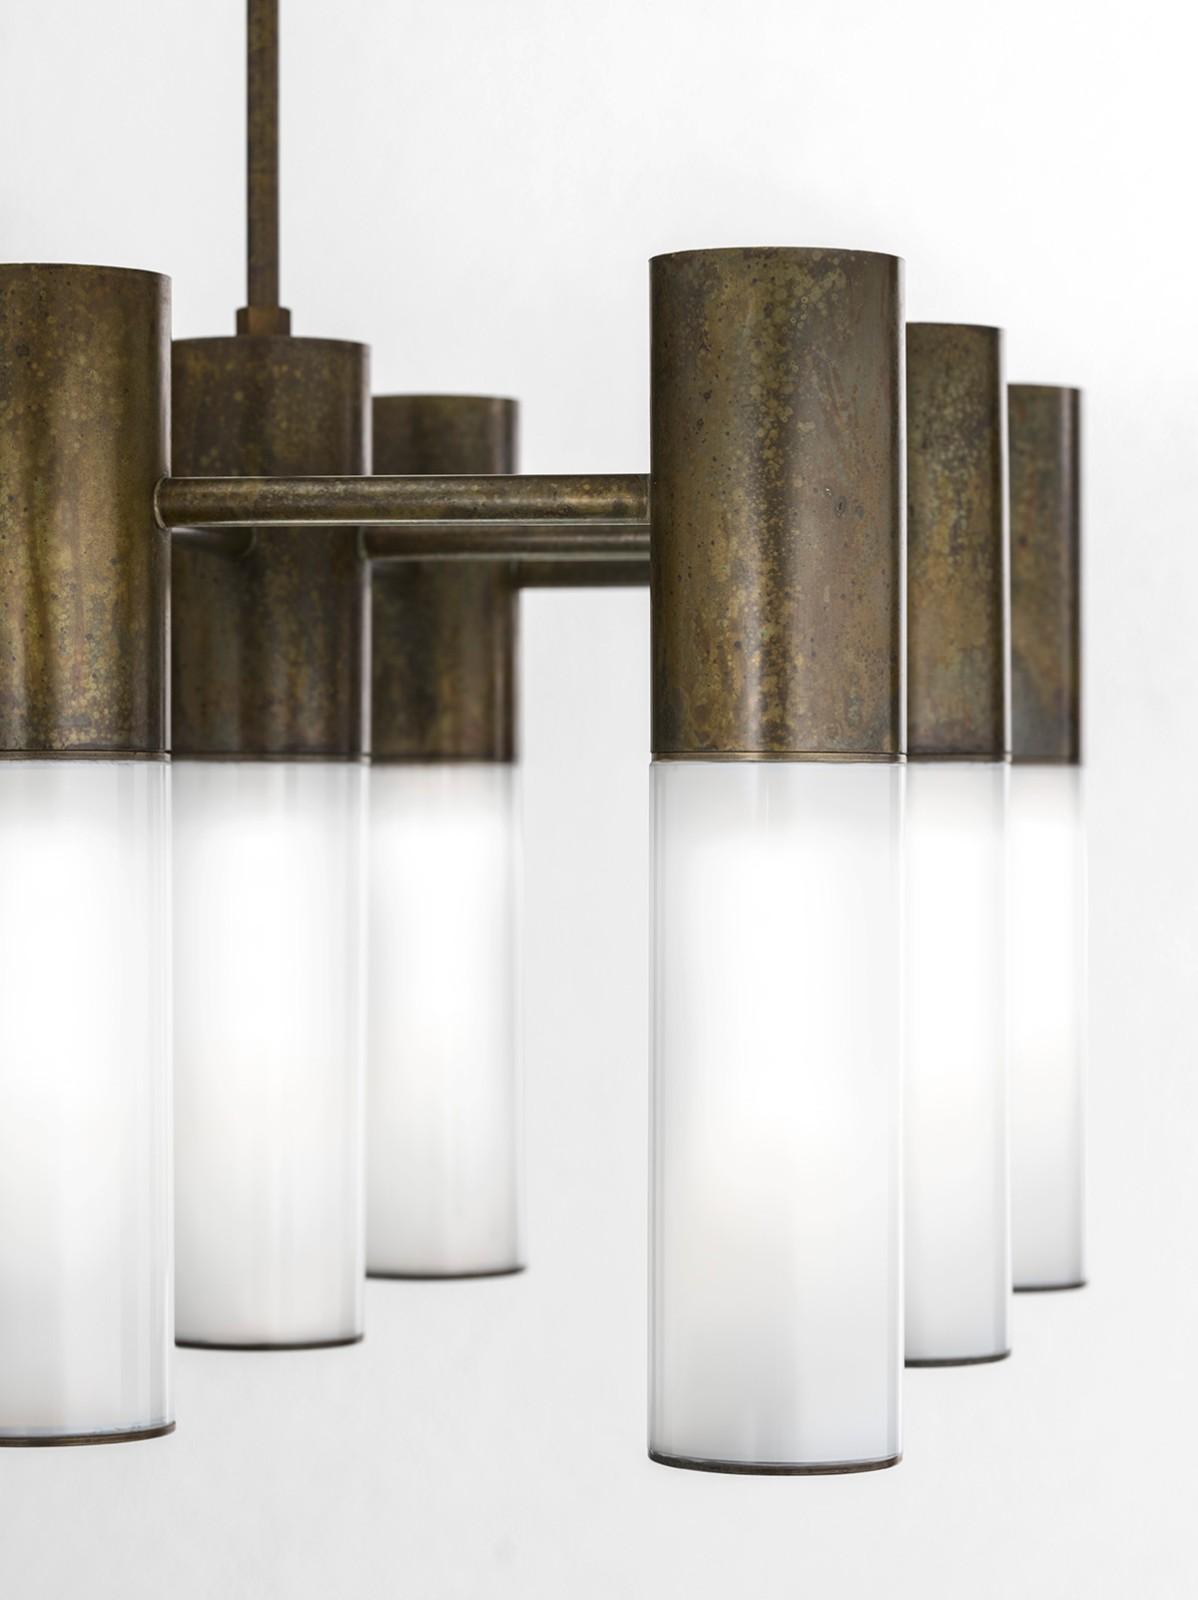 Varianti per Il Fanale - Etoile terra - design Mirta Lando